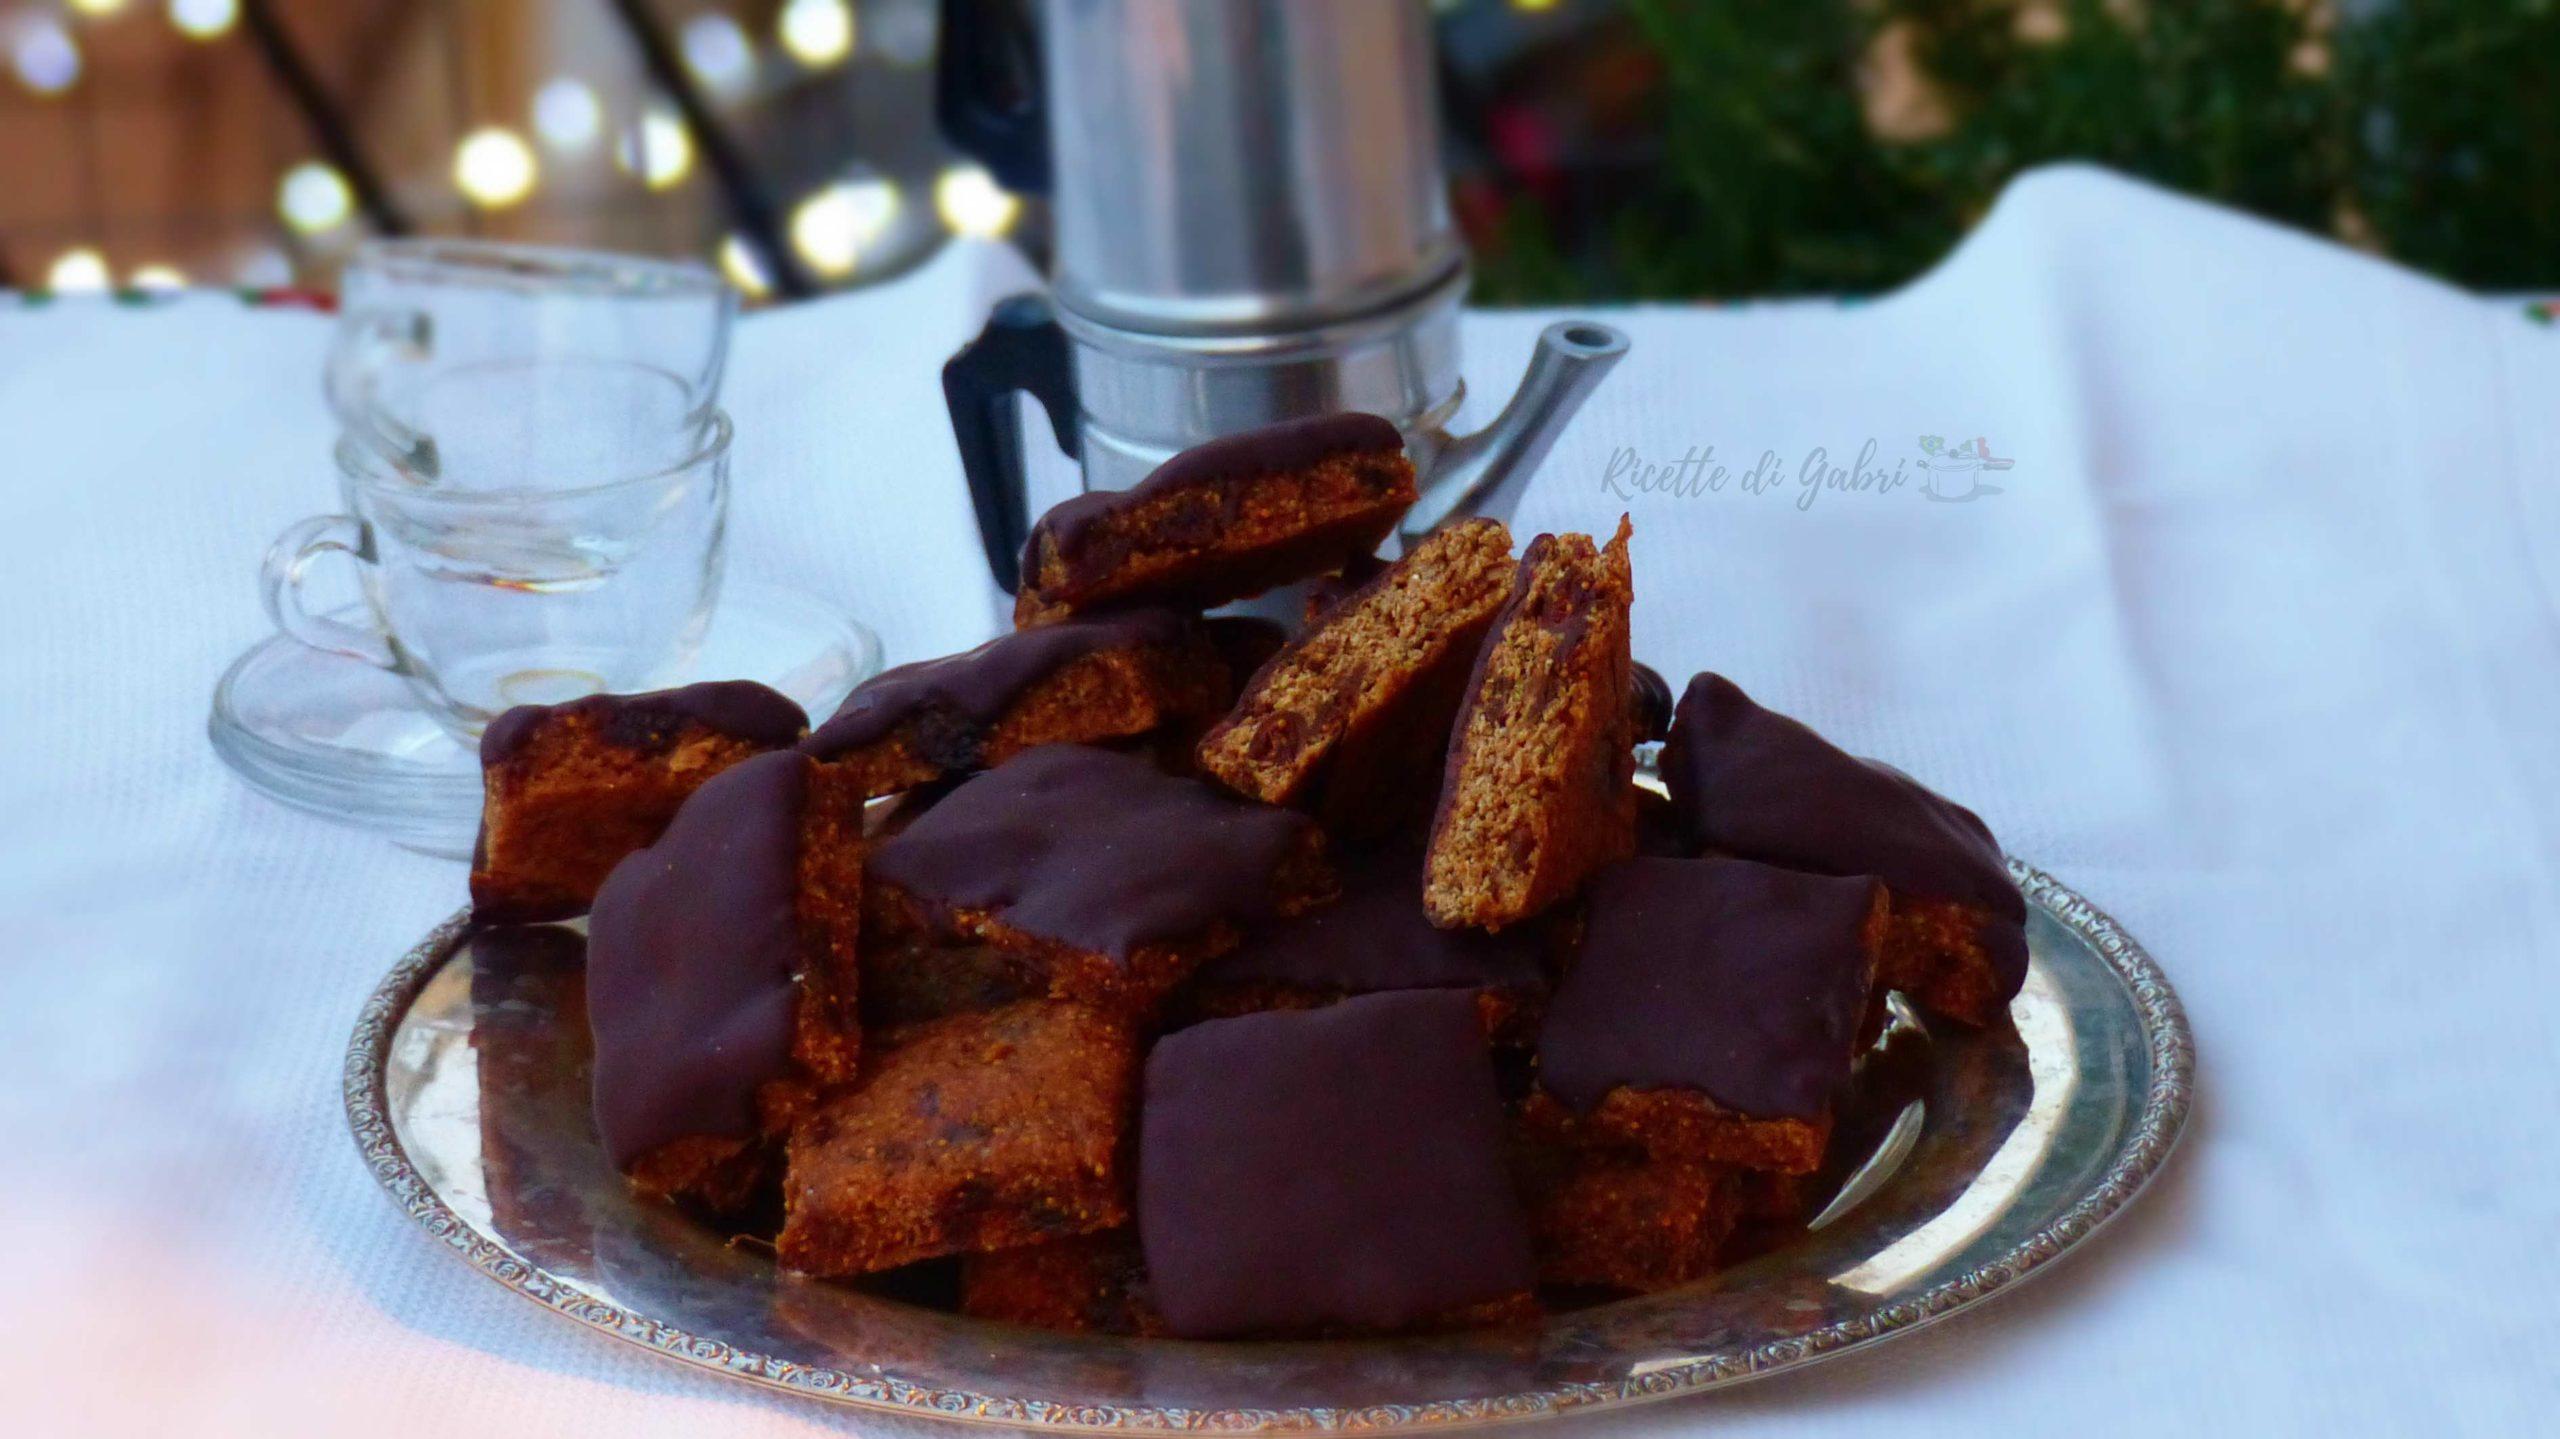 biscotti energetici con fichi secchi e cioccolato ricetta facile vegan senza burro ne uova di gabri